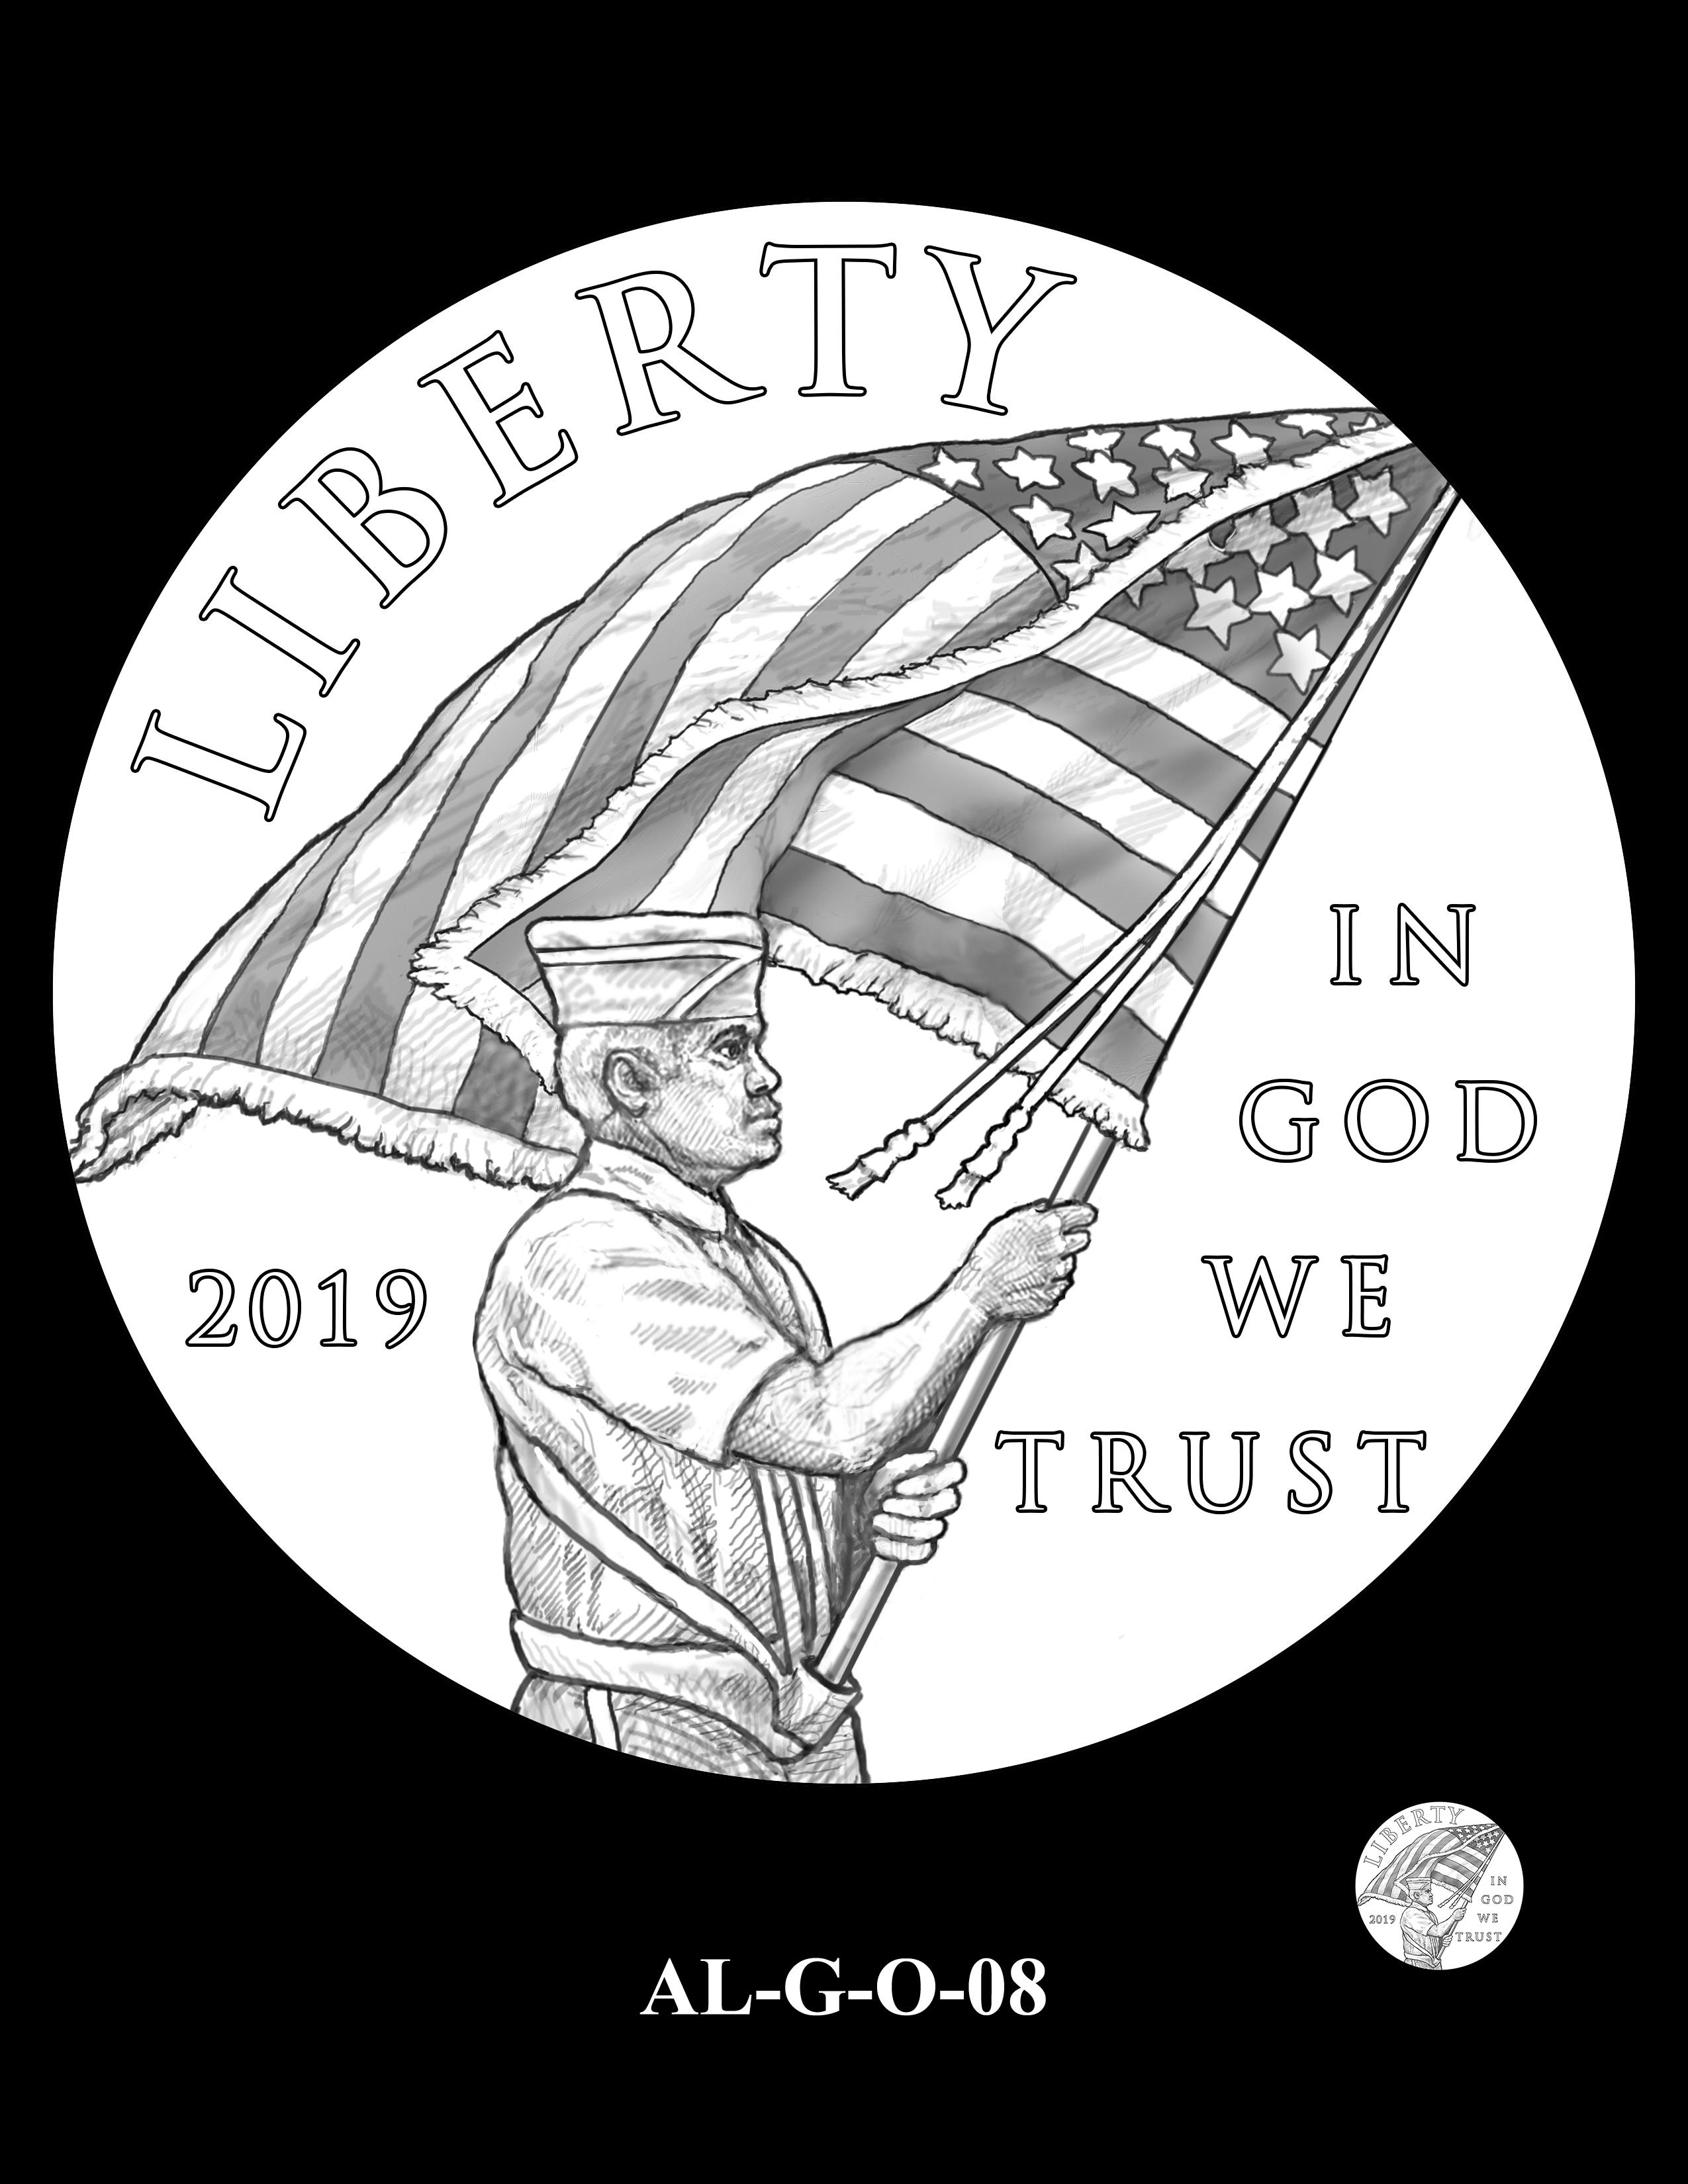 AL-G-O-08 -- 2019 American Legion 100th Anniversary Commemorative Coin Program - Gold Obverse